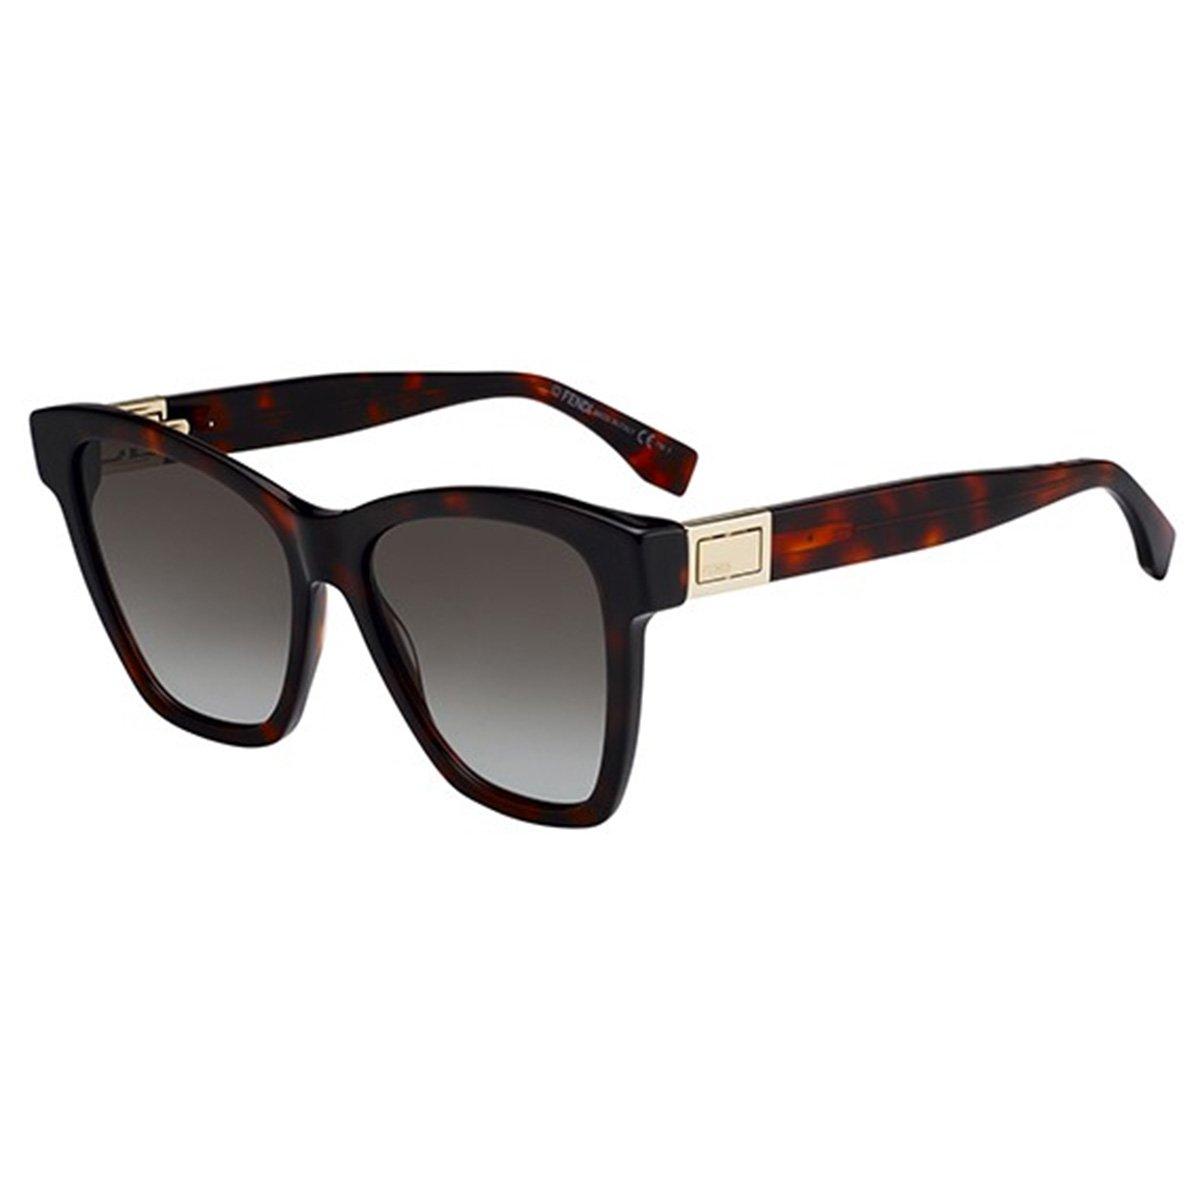 Compre Óculos de Sol Fendi Peekaboo em 10X   Tri-Jóia Shop c200396105